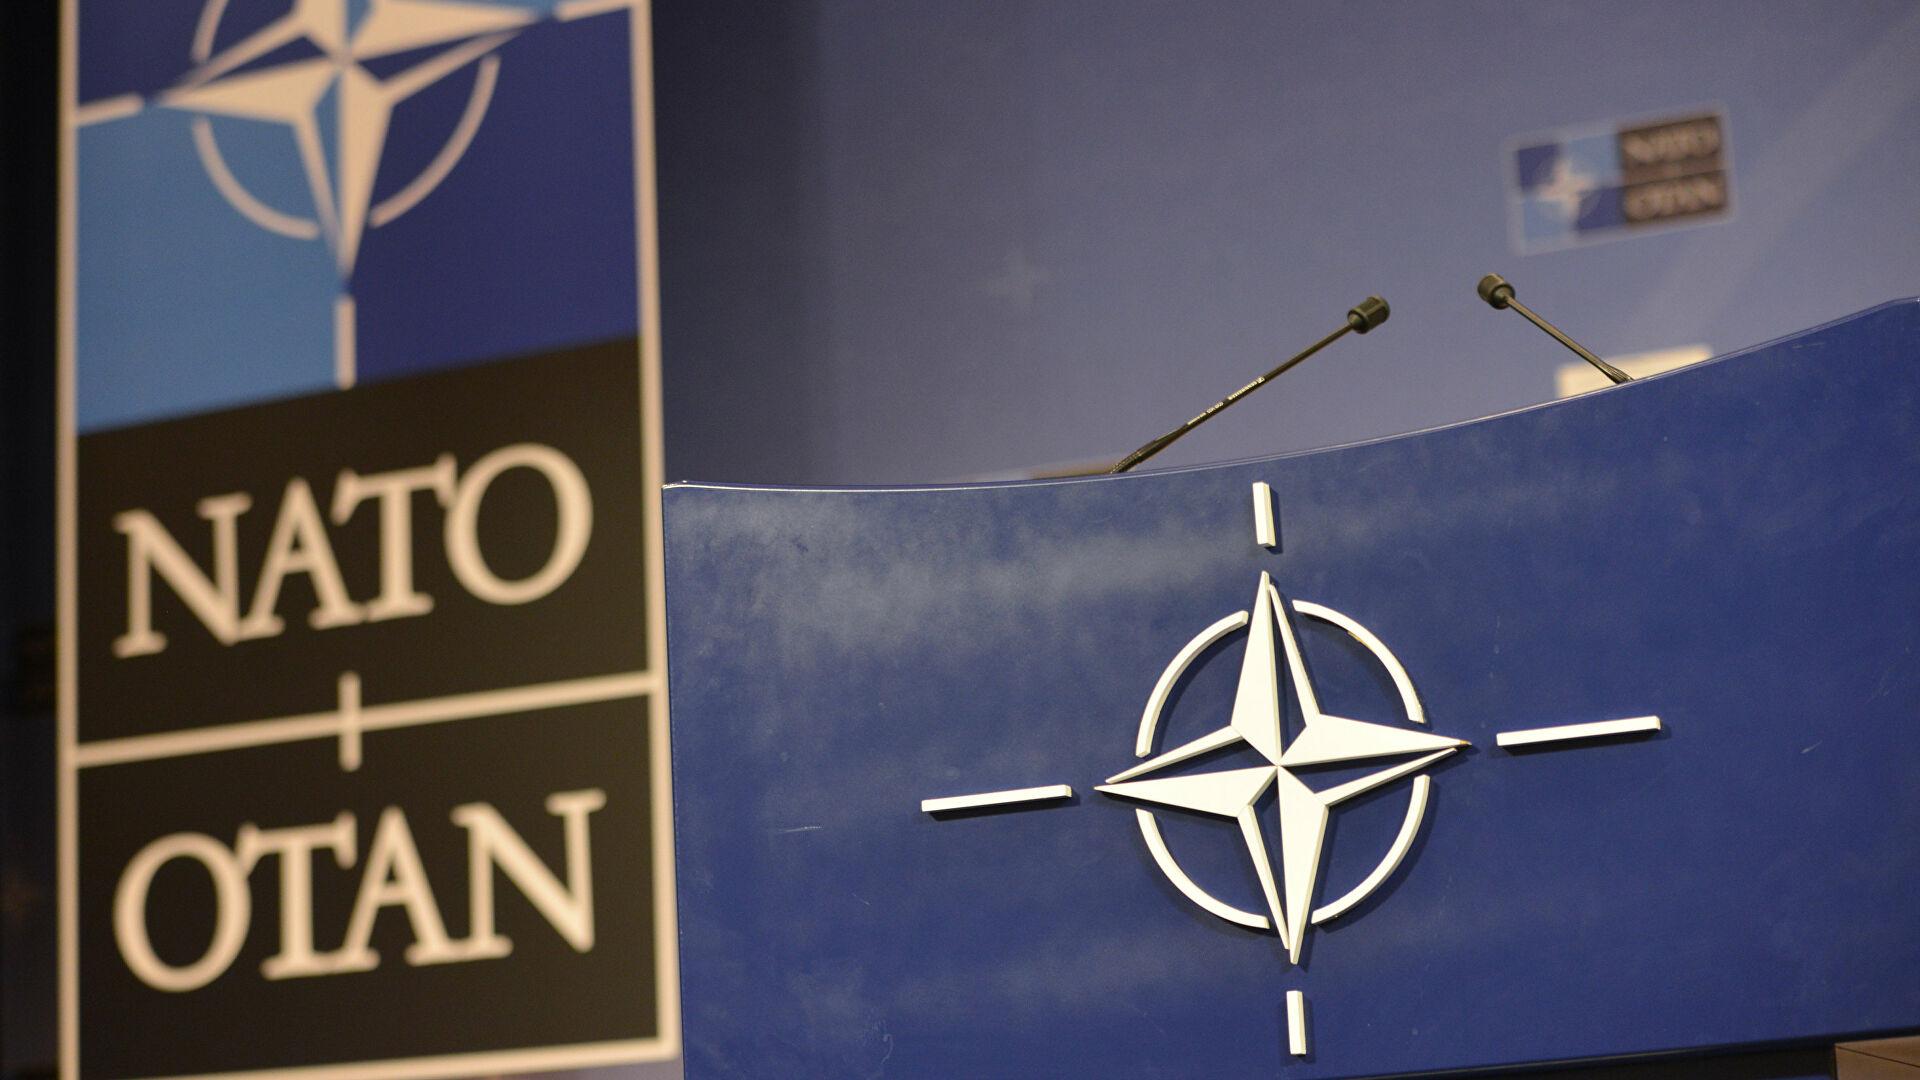 Москва: НАТО мора да одлучи - или обуздавање или дијалог са нашом земљом